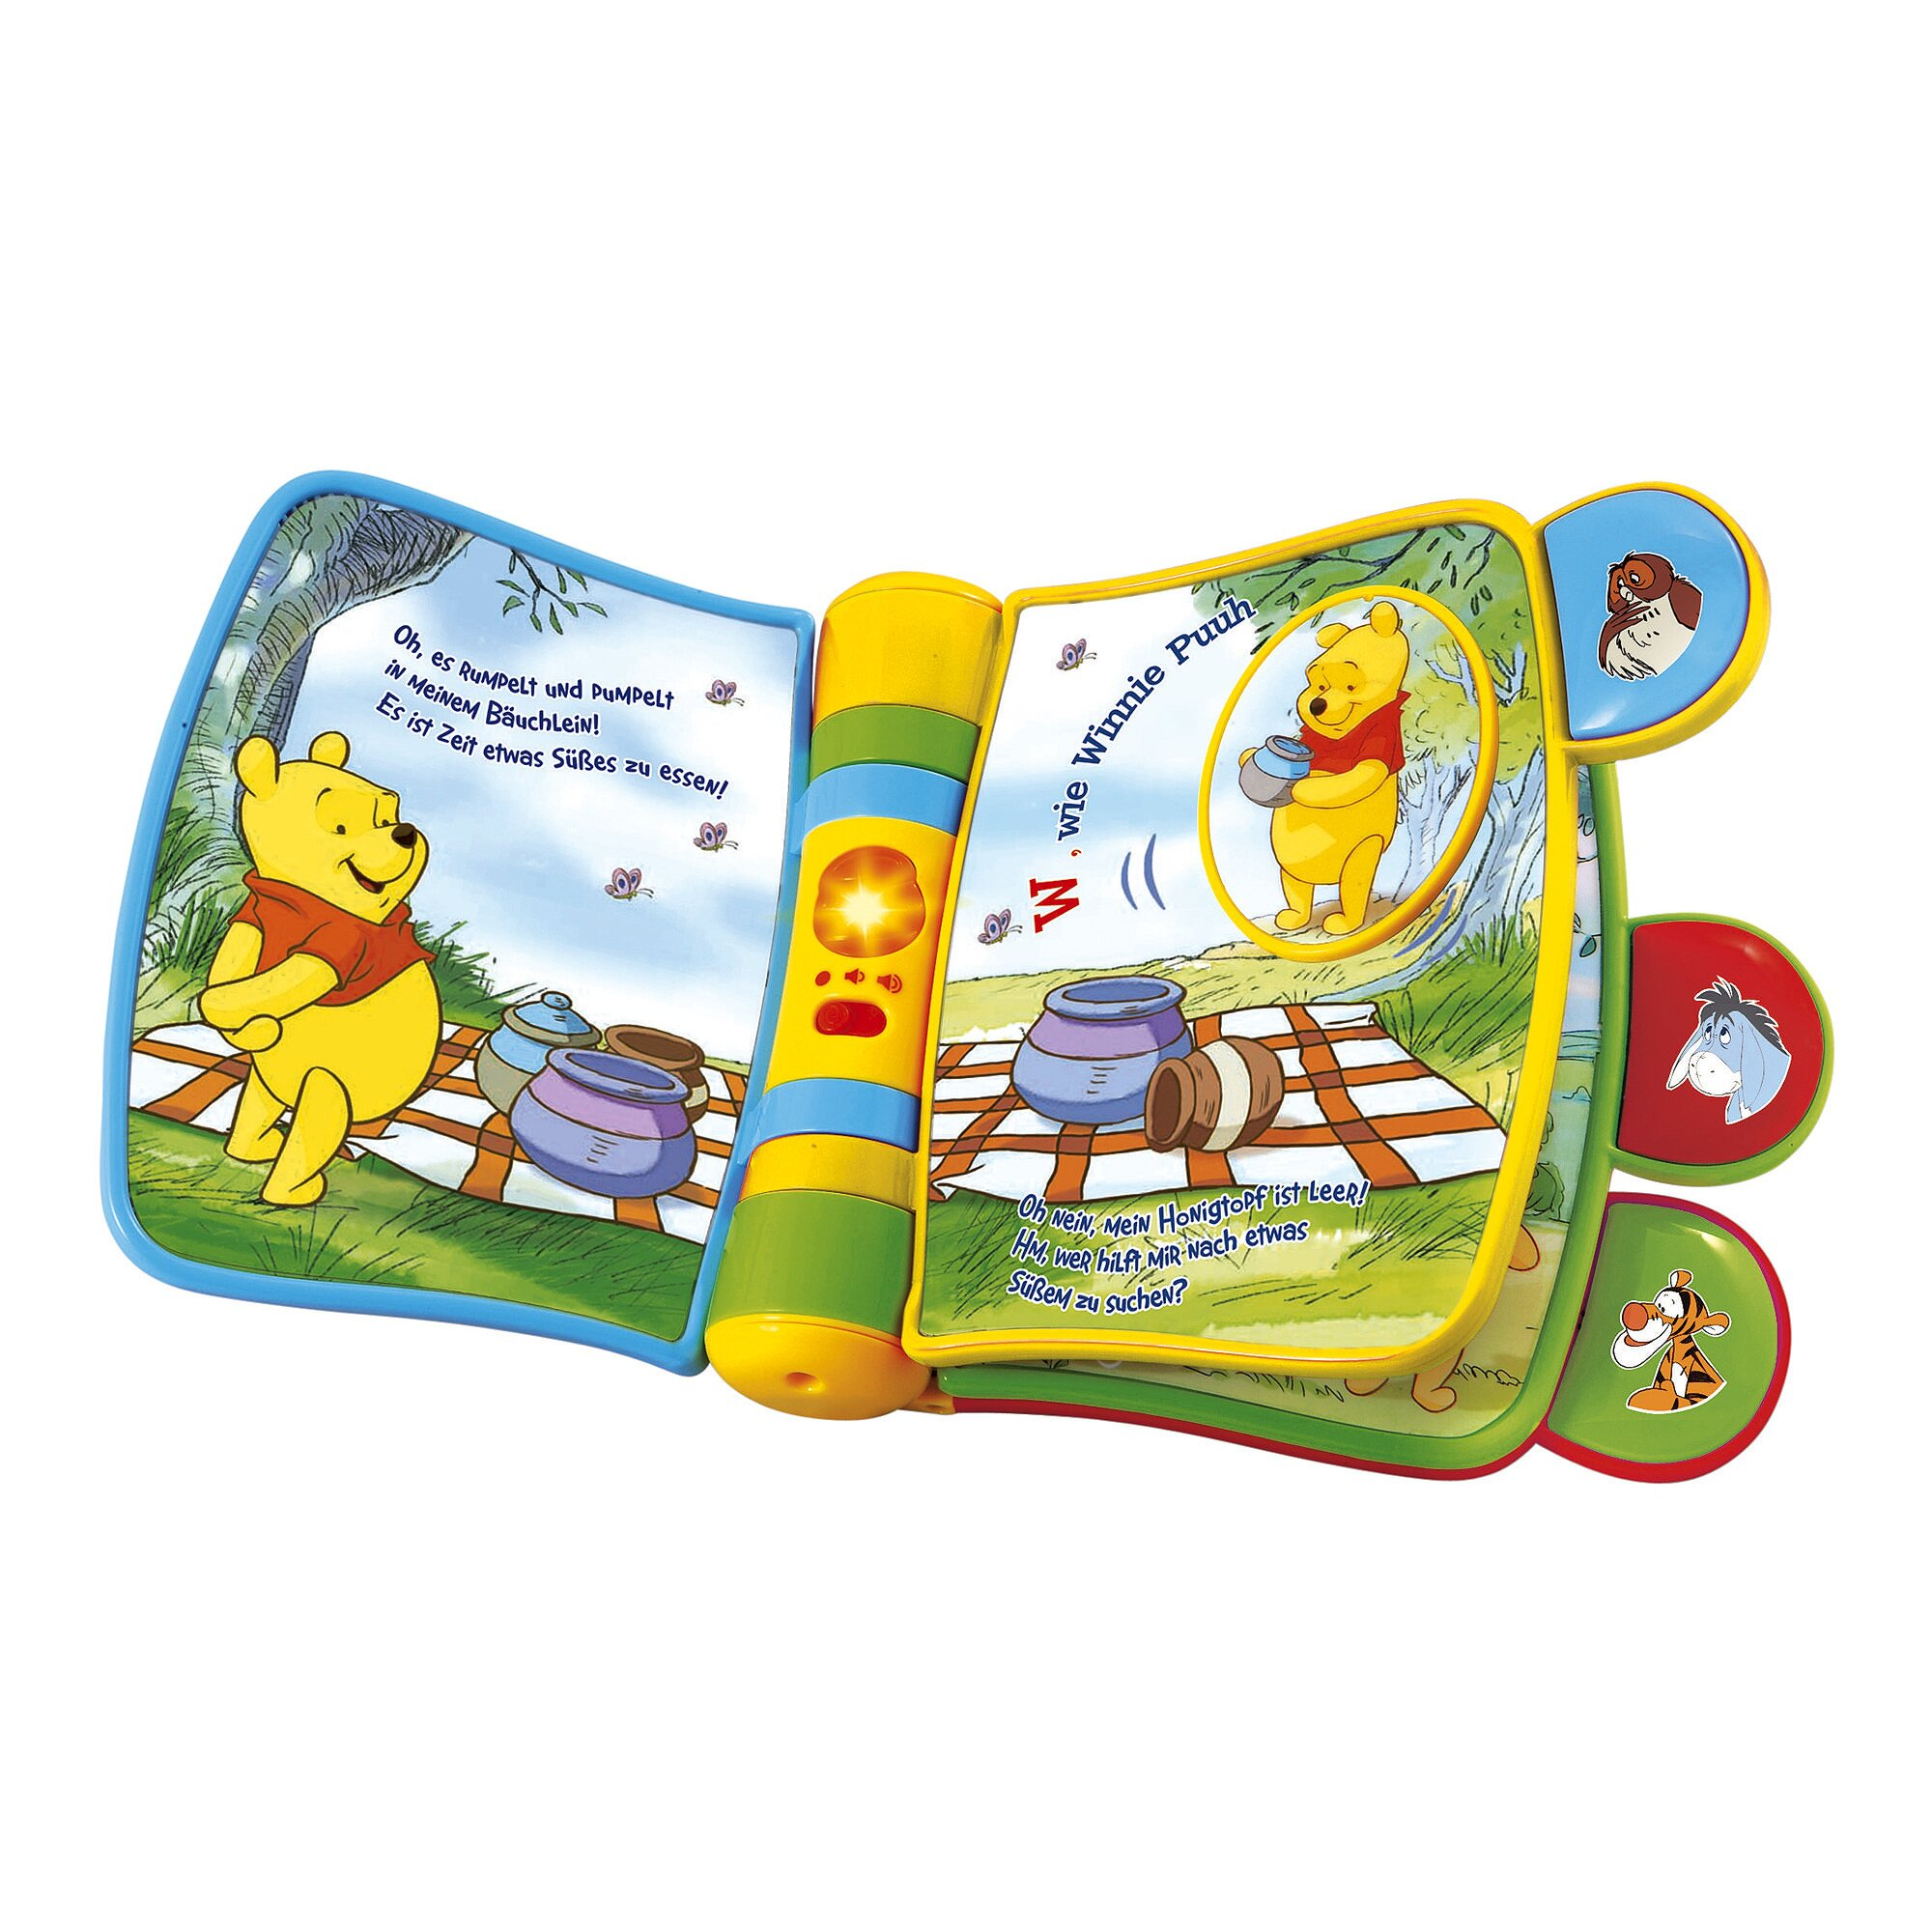 disney-winnie-puuh-musikspielzeug-abenteuerbuch-die-lustige-honigsuche